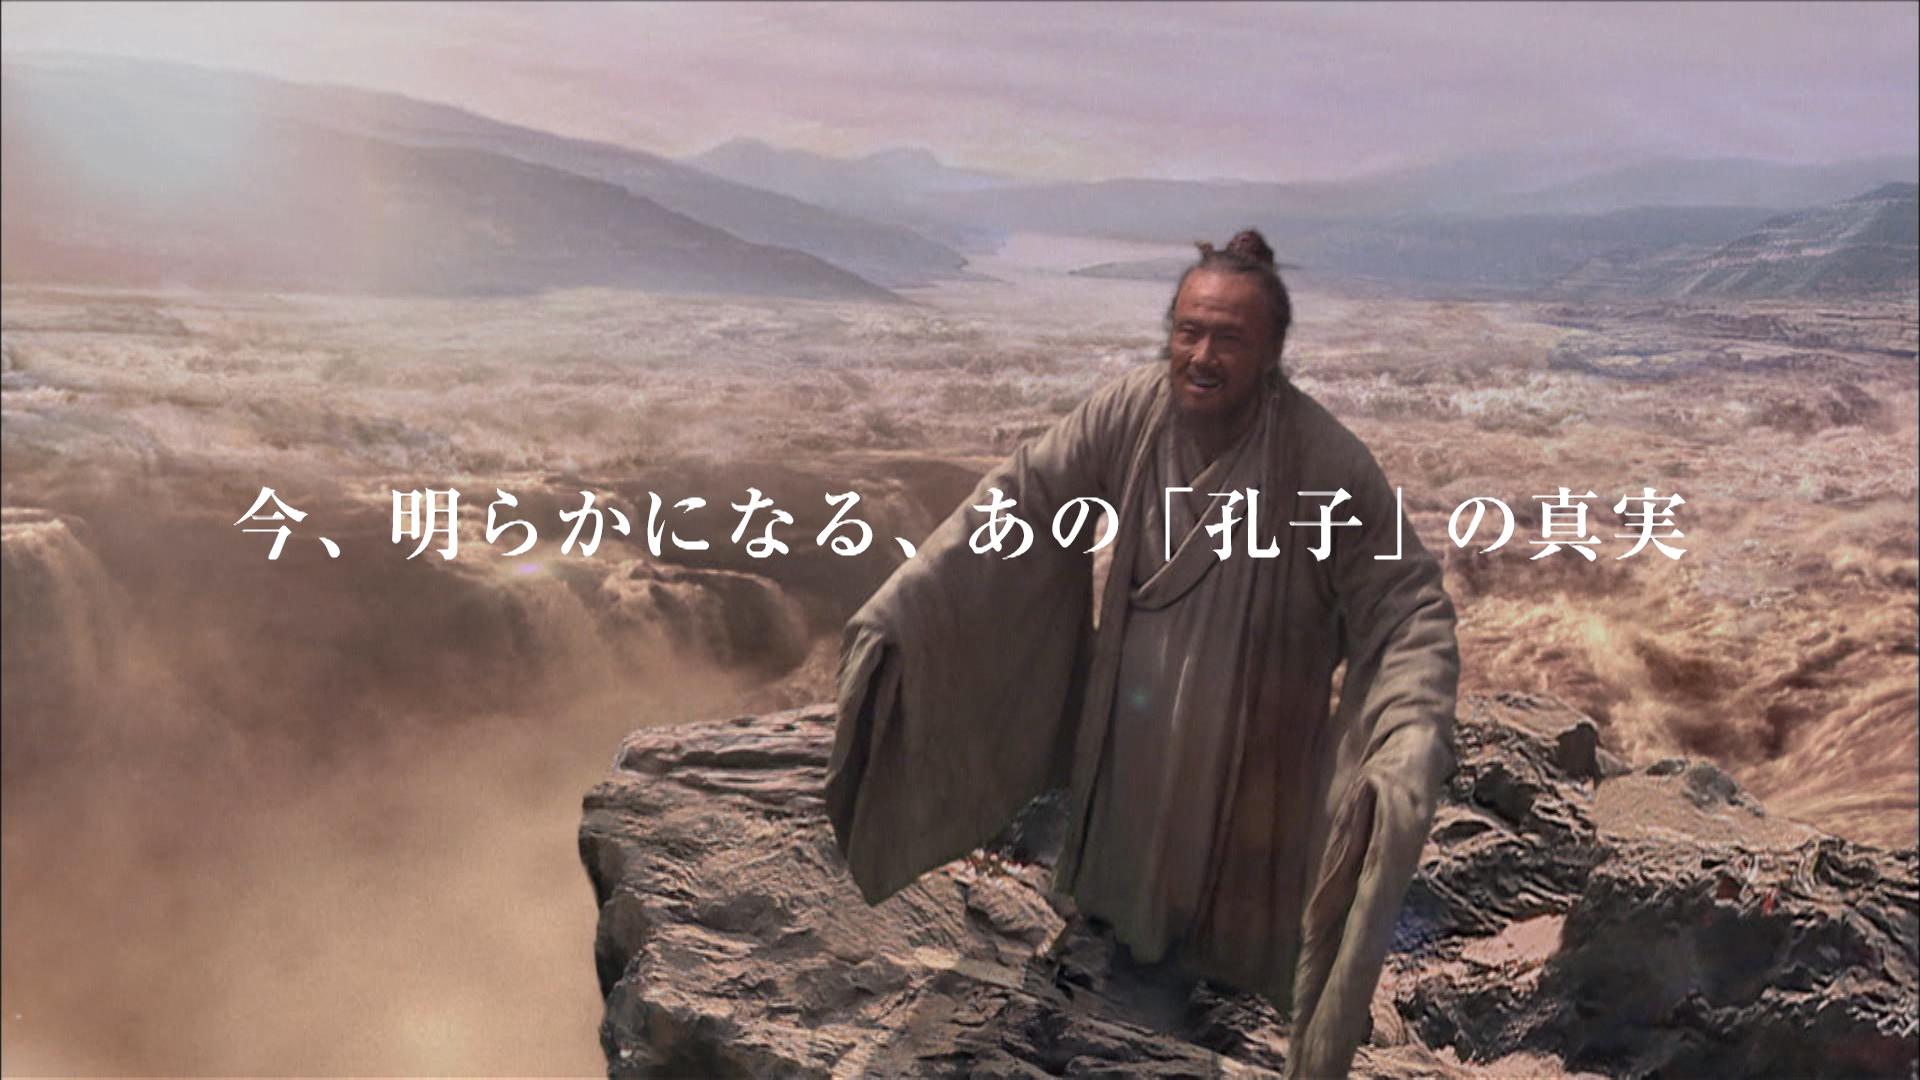 【CM】中国ドラマ「孔子」トレイラー(2015/2min)